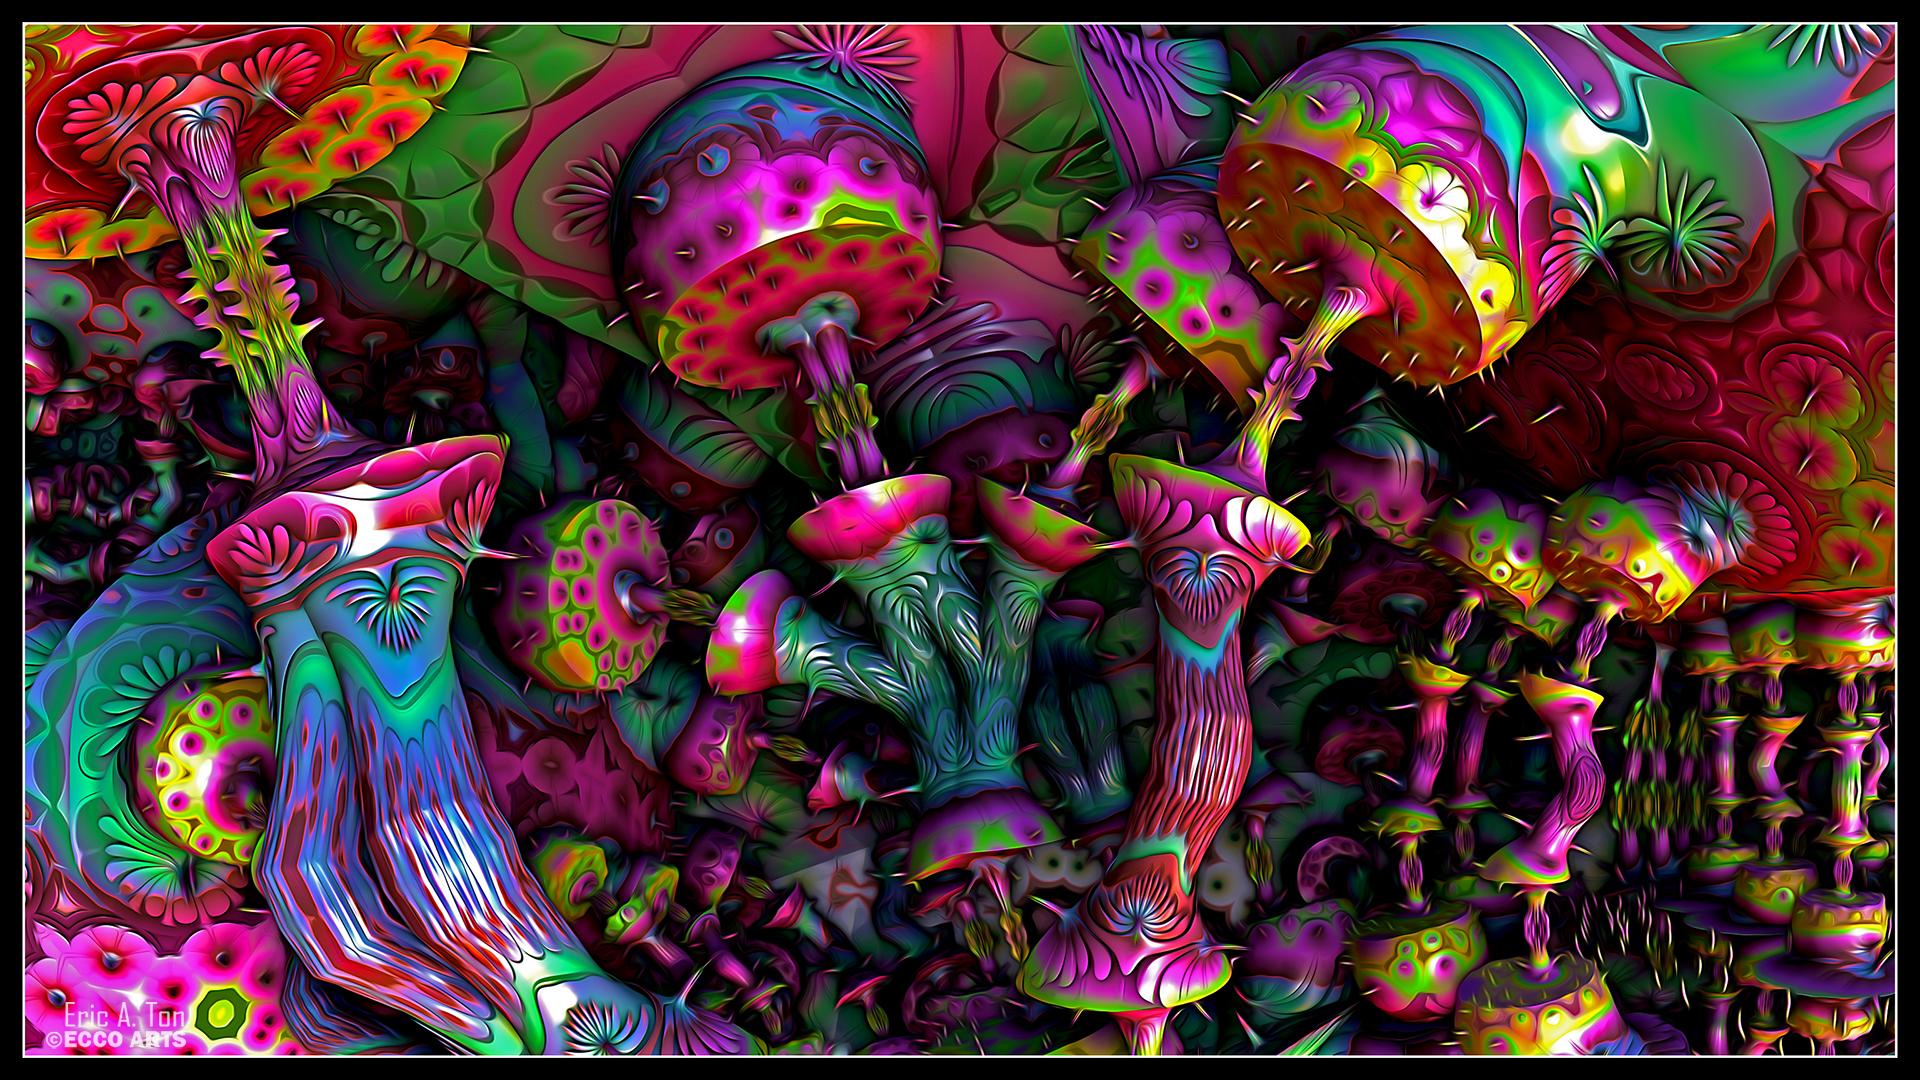 Trippy Wallpaper Mushrooms